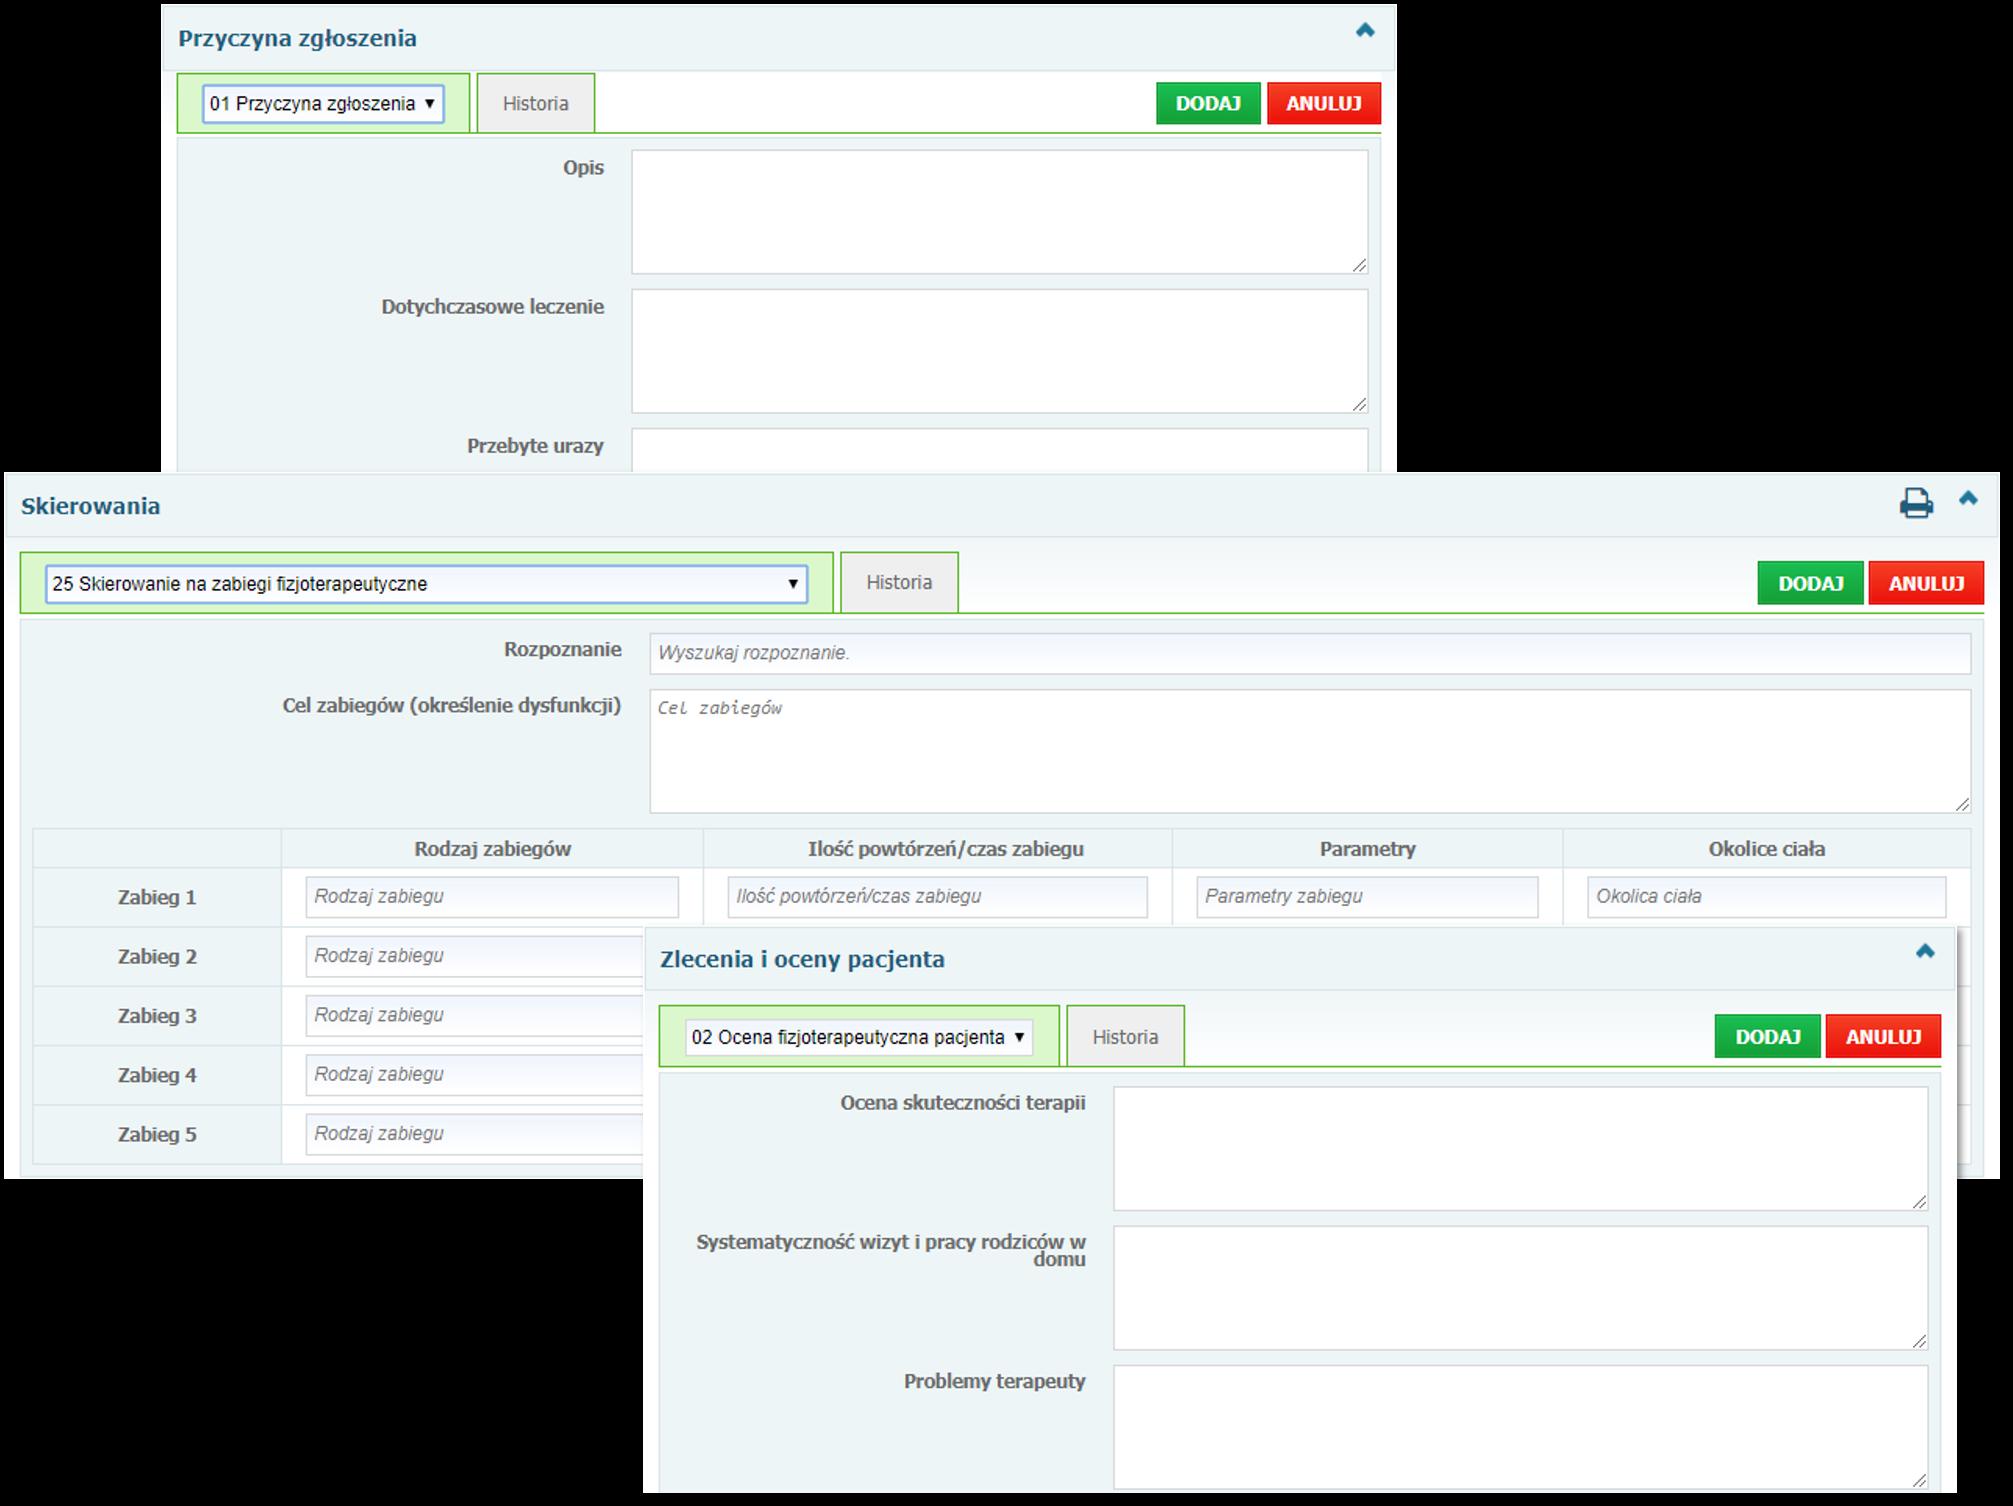 Sekcje: Przyczyna zgłoszenia, Skierowania oraz Zalecenia i oceny pacjenta